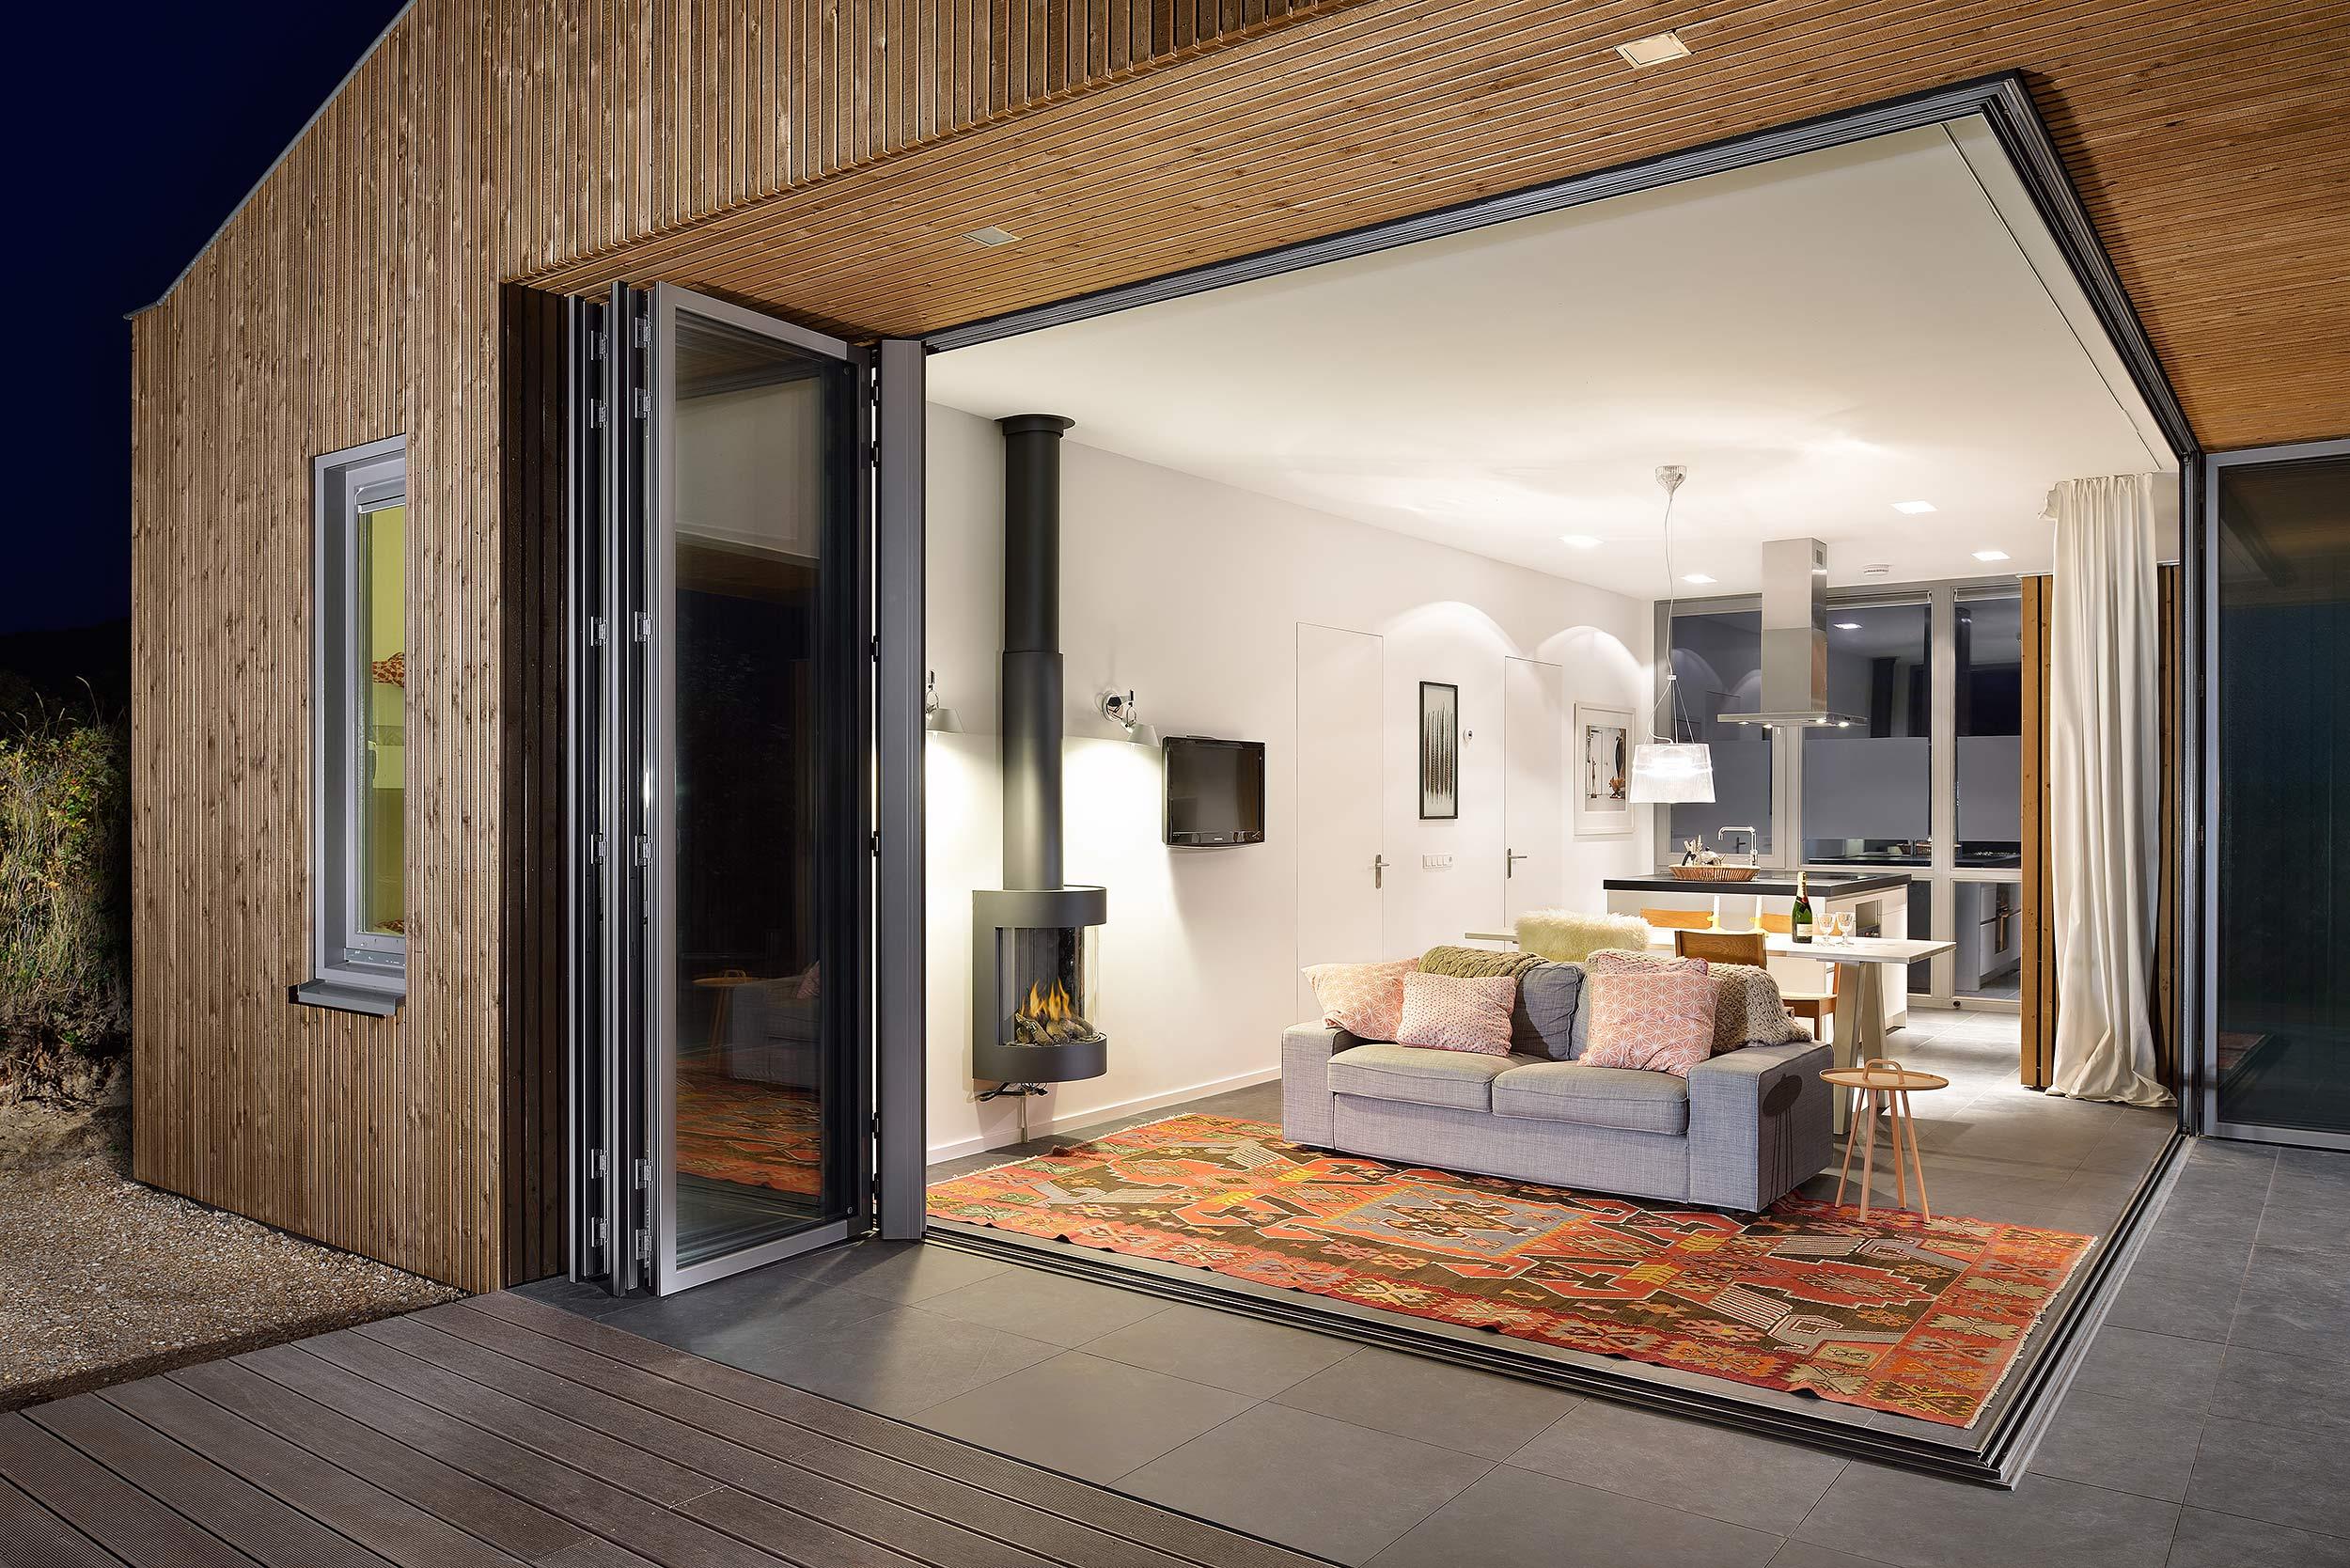 Vakantiewoning Vlieland - door architectuurfotograaf Chiel de Nooyer